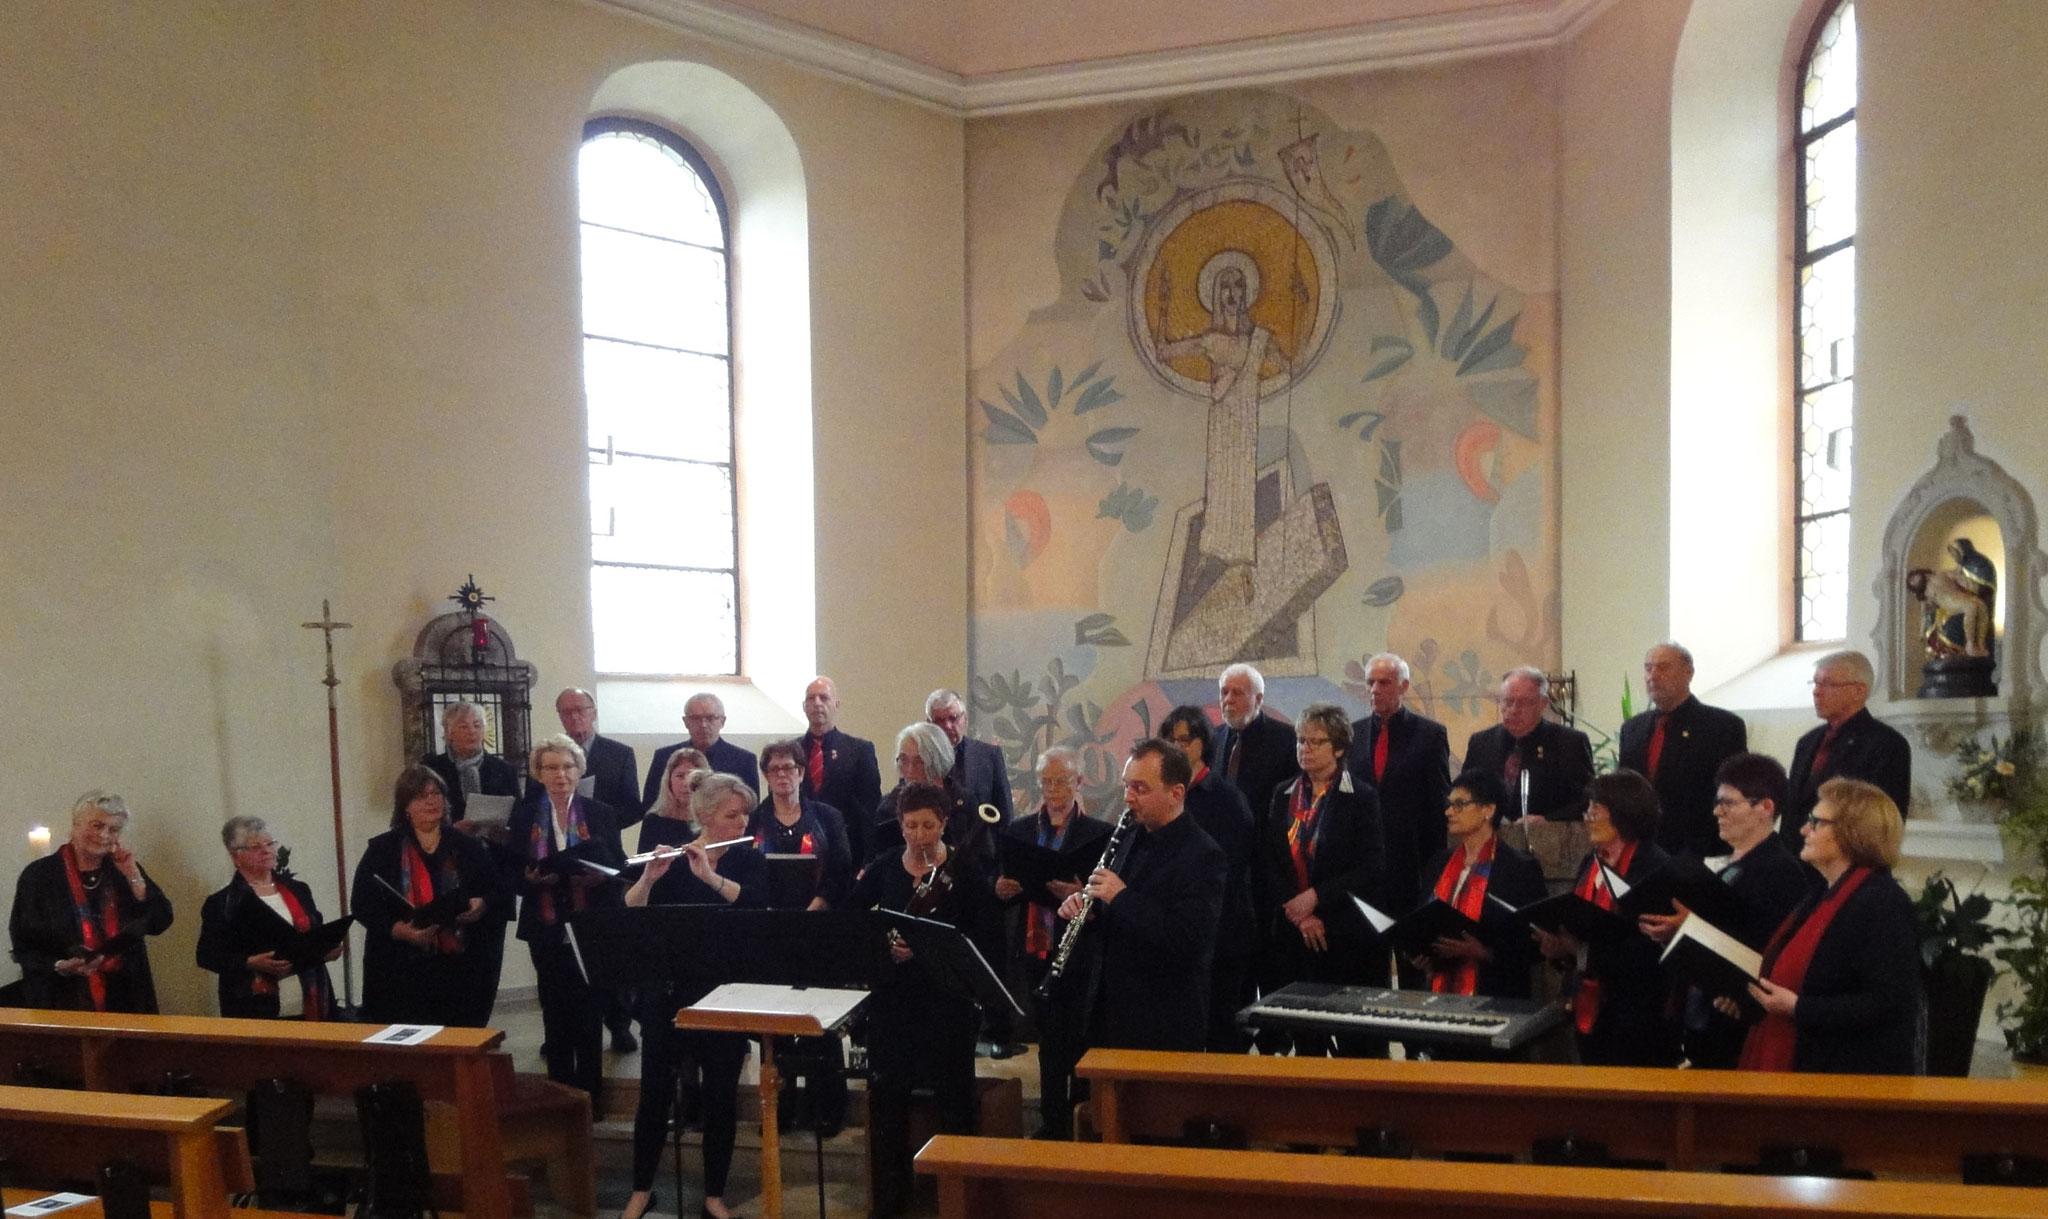 Geistliche Abendmusik